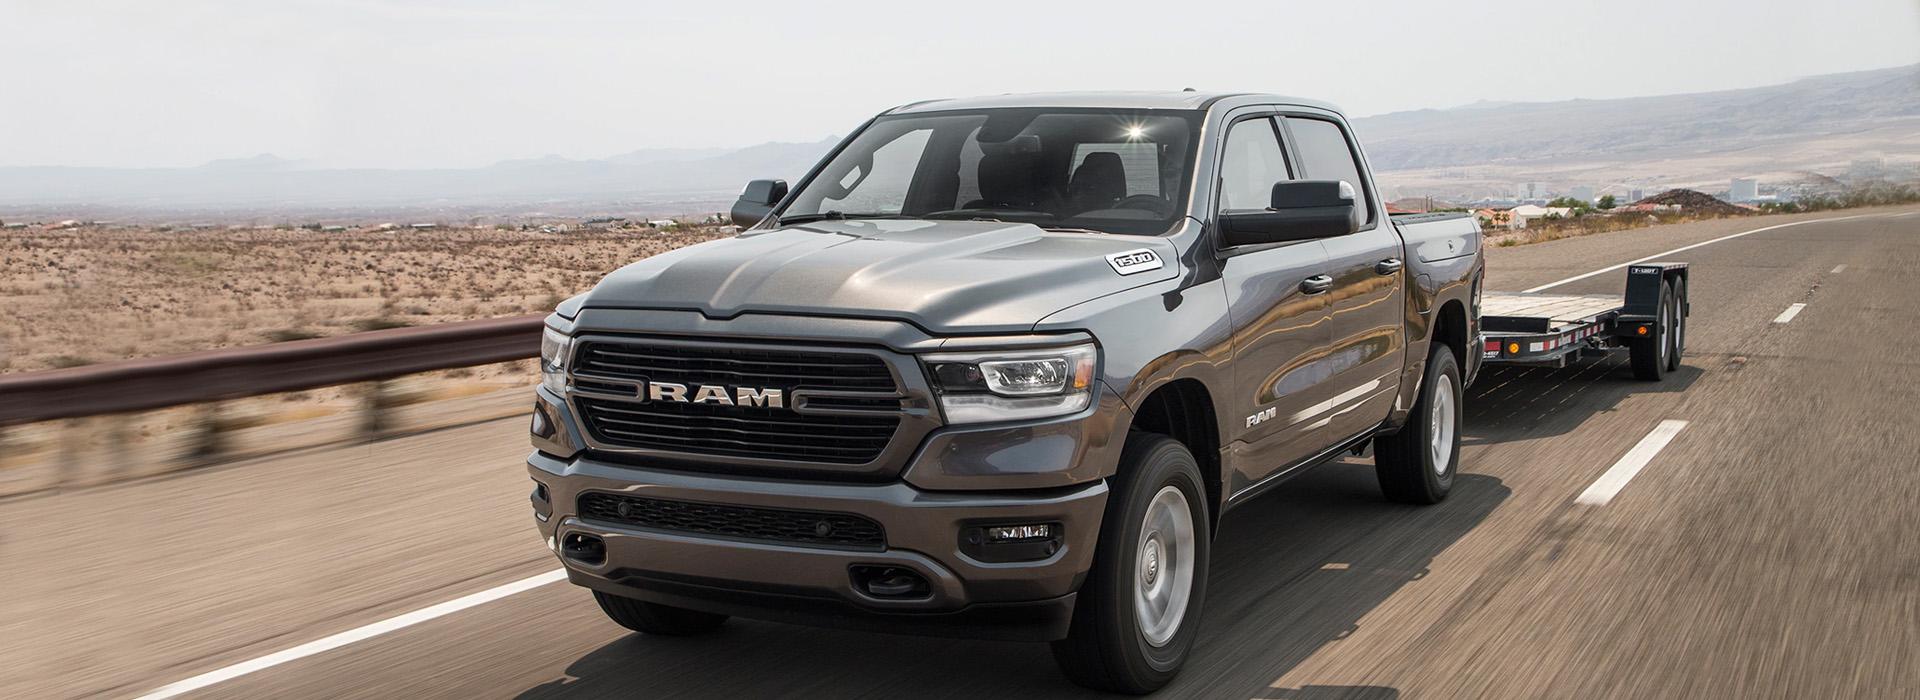 Ram 1500 2019 vägskatt